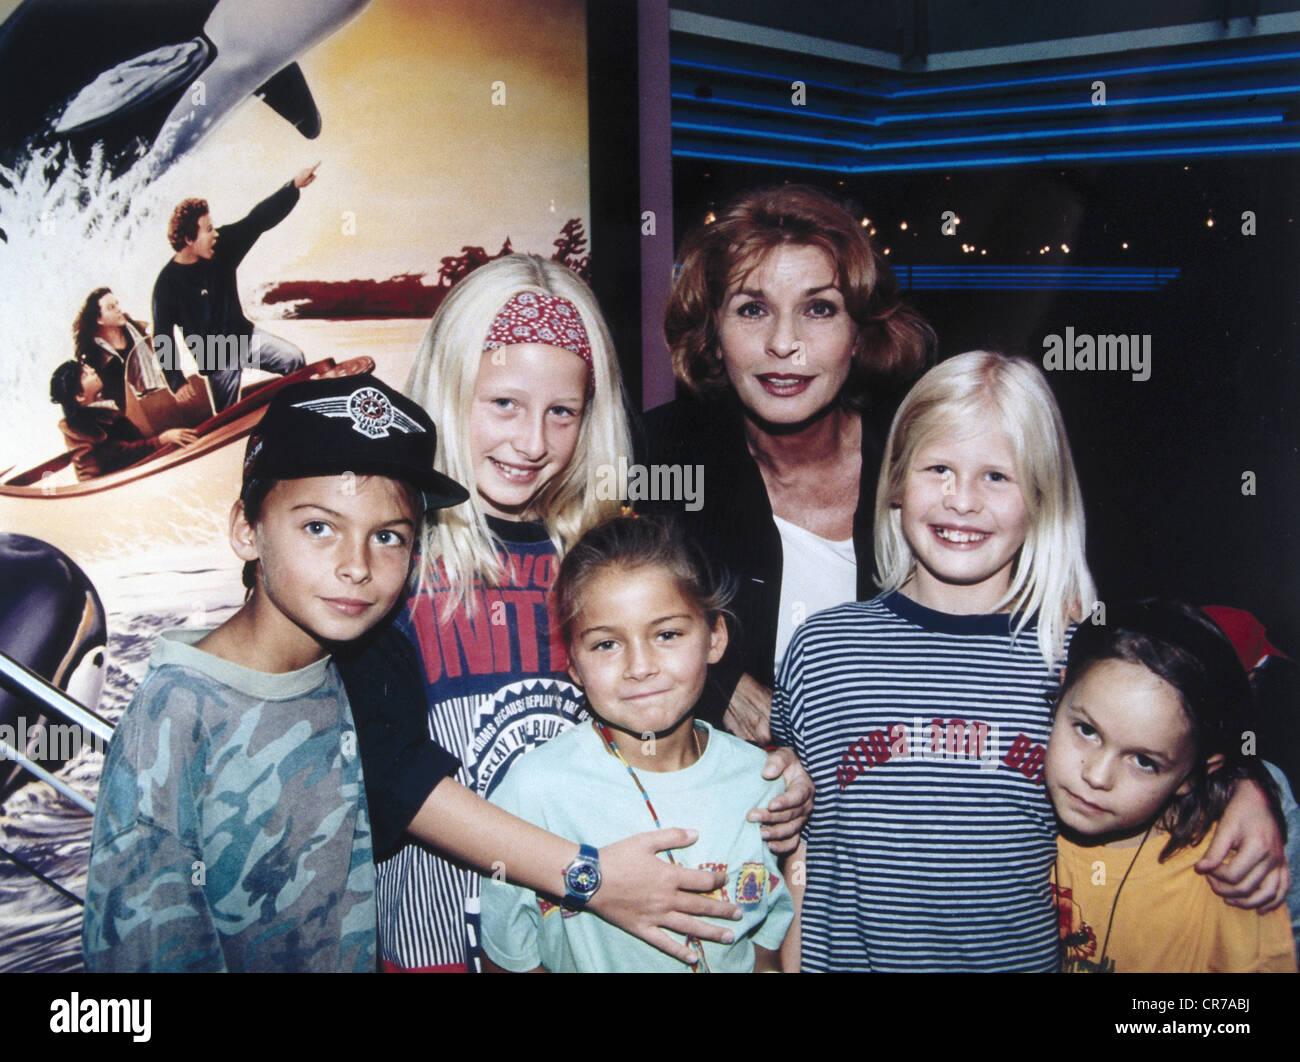 Berger, Senta, * 13.5.1941, actriz austriaca, fotografía de grupo con niños, como embajadora de UNICEF, en la presentación preliminar de la película 'Free Willy II' en Munich, agosto de 1995, Foto de stock